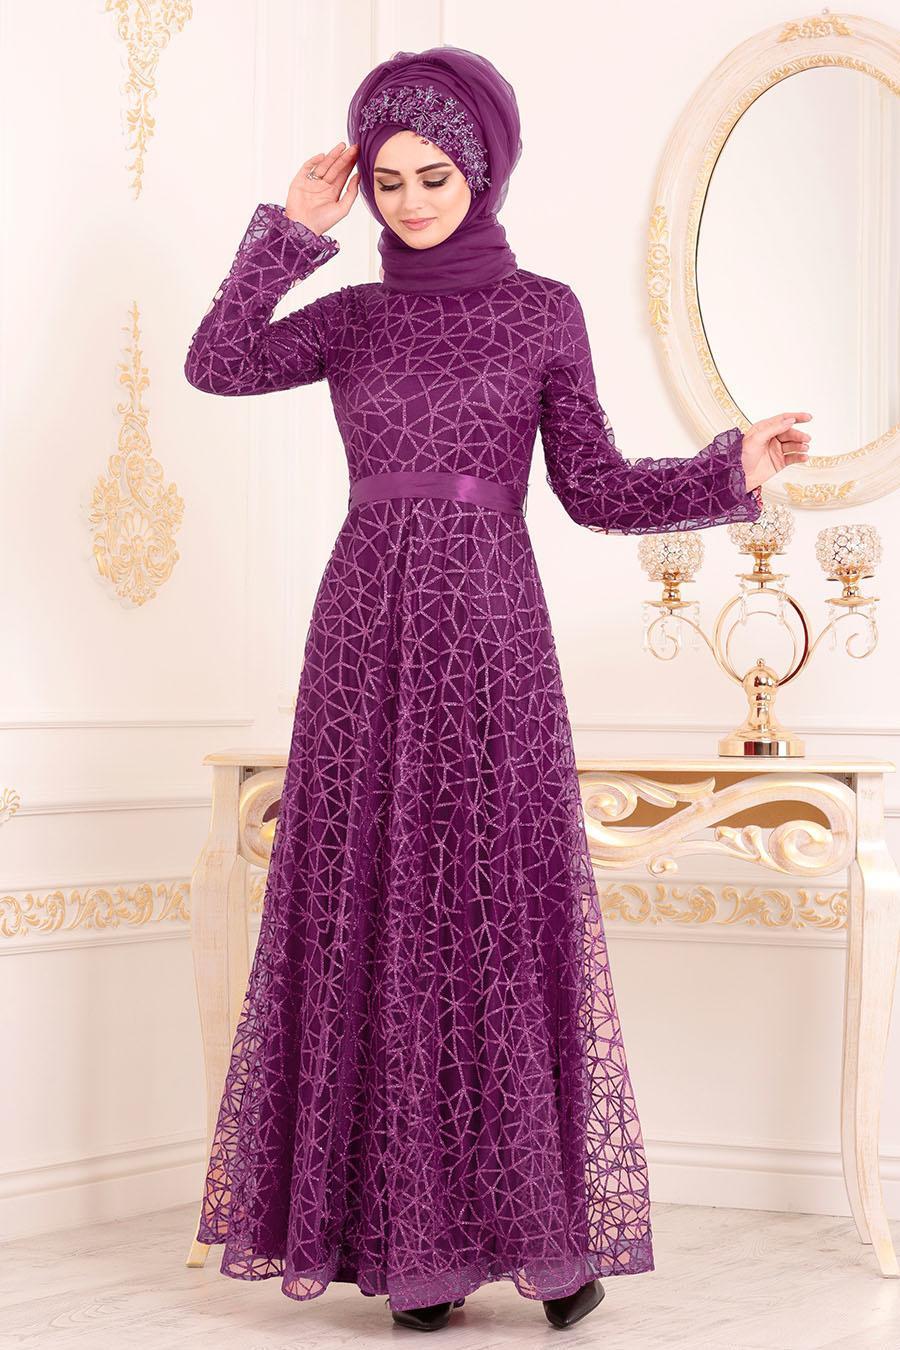 Tesettürlü Abiye Elbise - Simli Mor Renk Tesettür Abiye Elbise 31481MOR